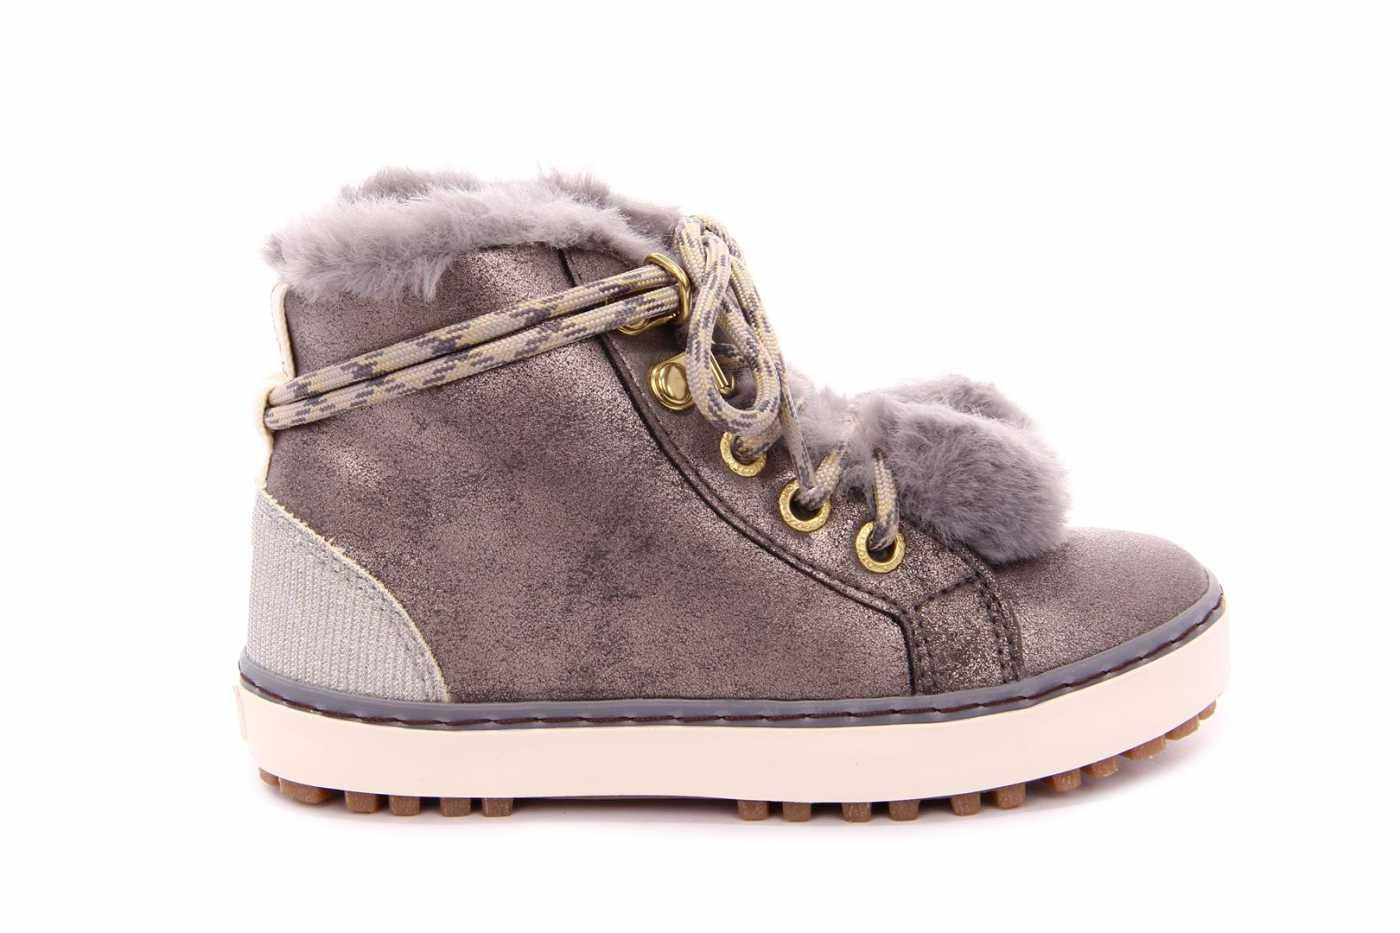 5ddeb4a61 Comprar zapato tipo JOVEN NIÑA estilo BOTAS COLOR PLATA METALIZADO ...